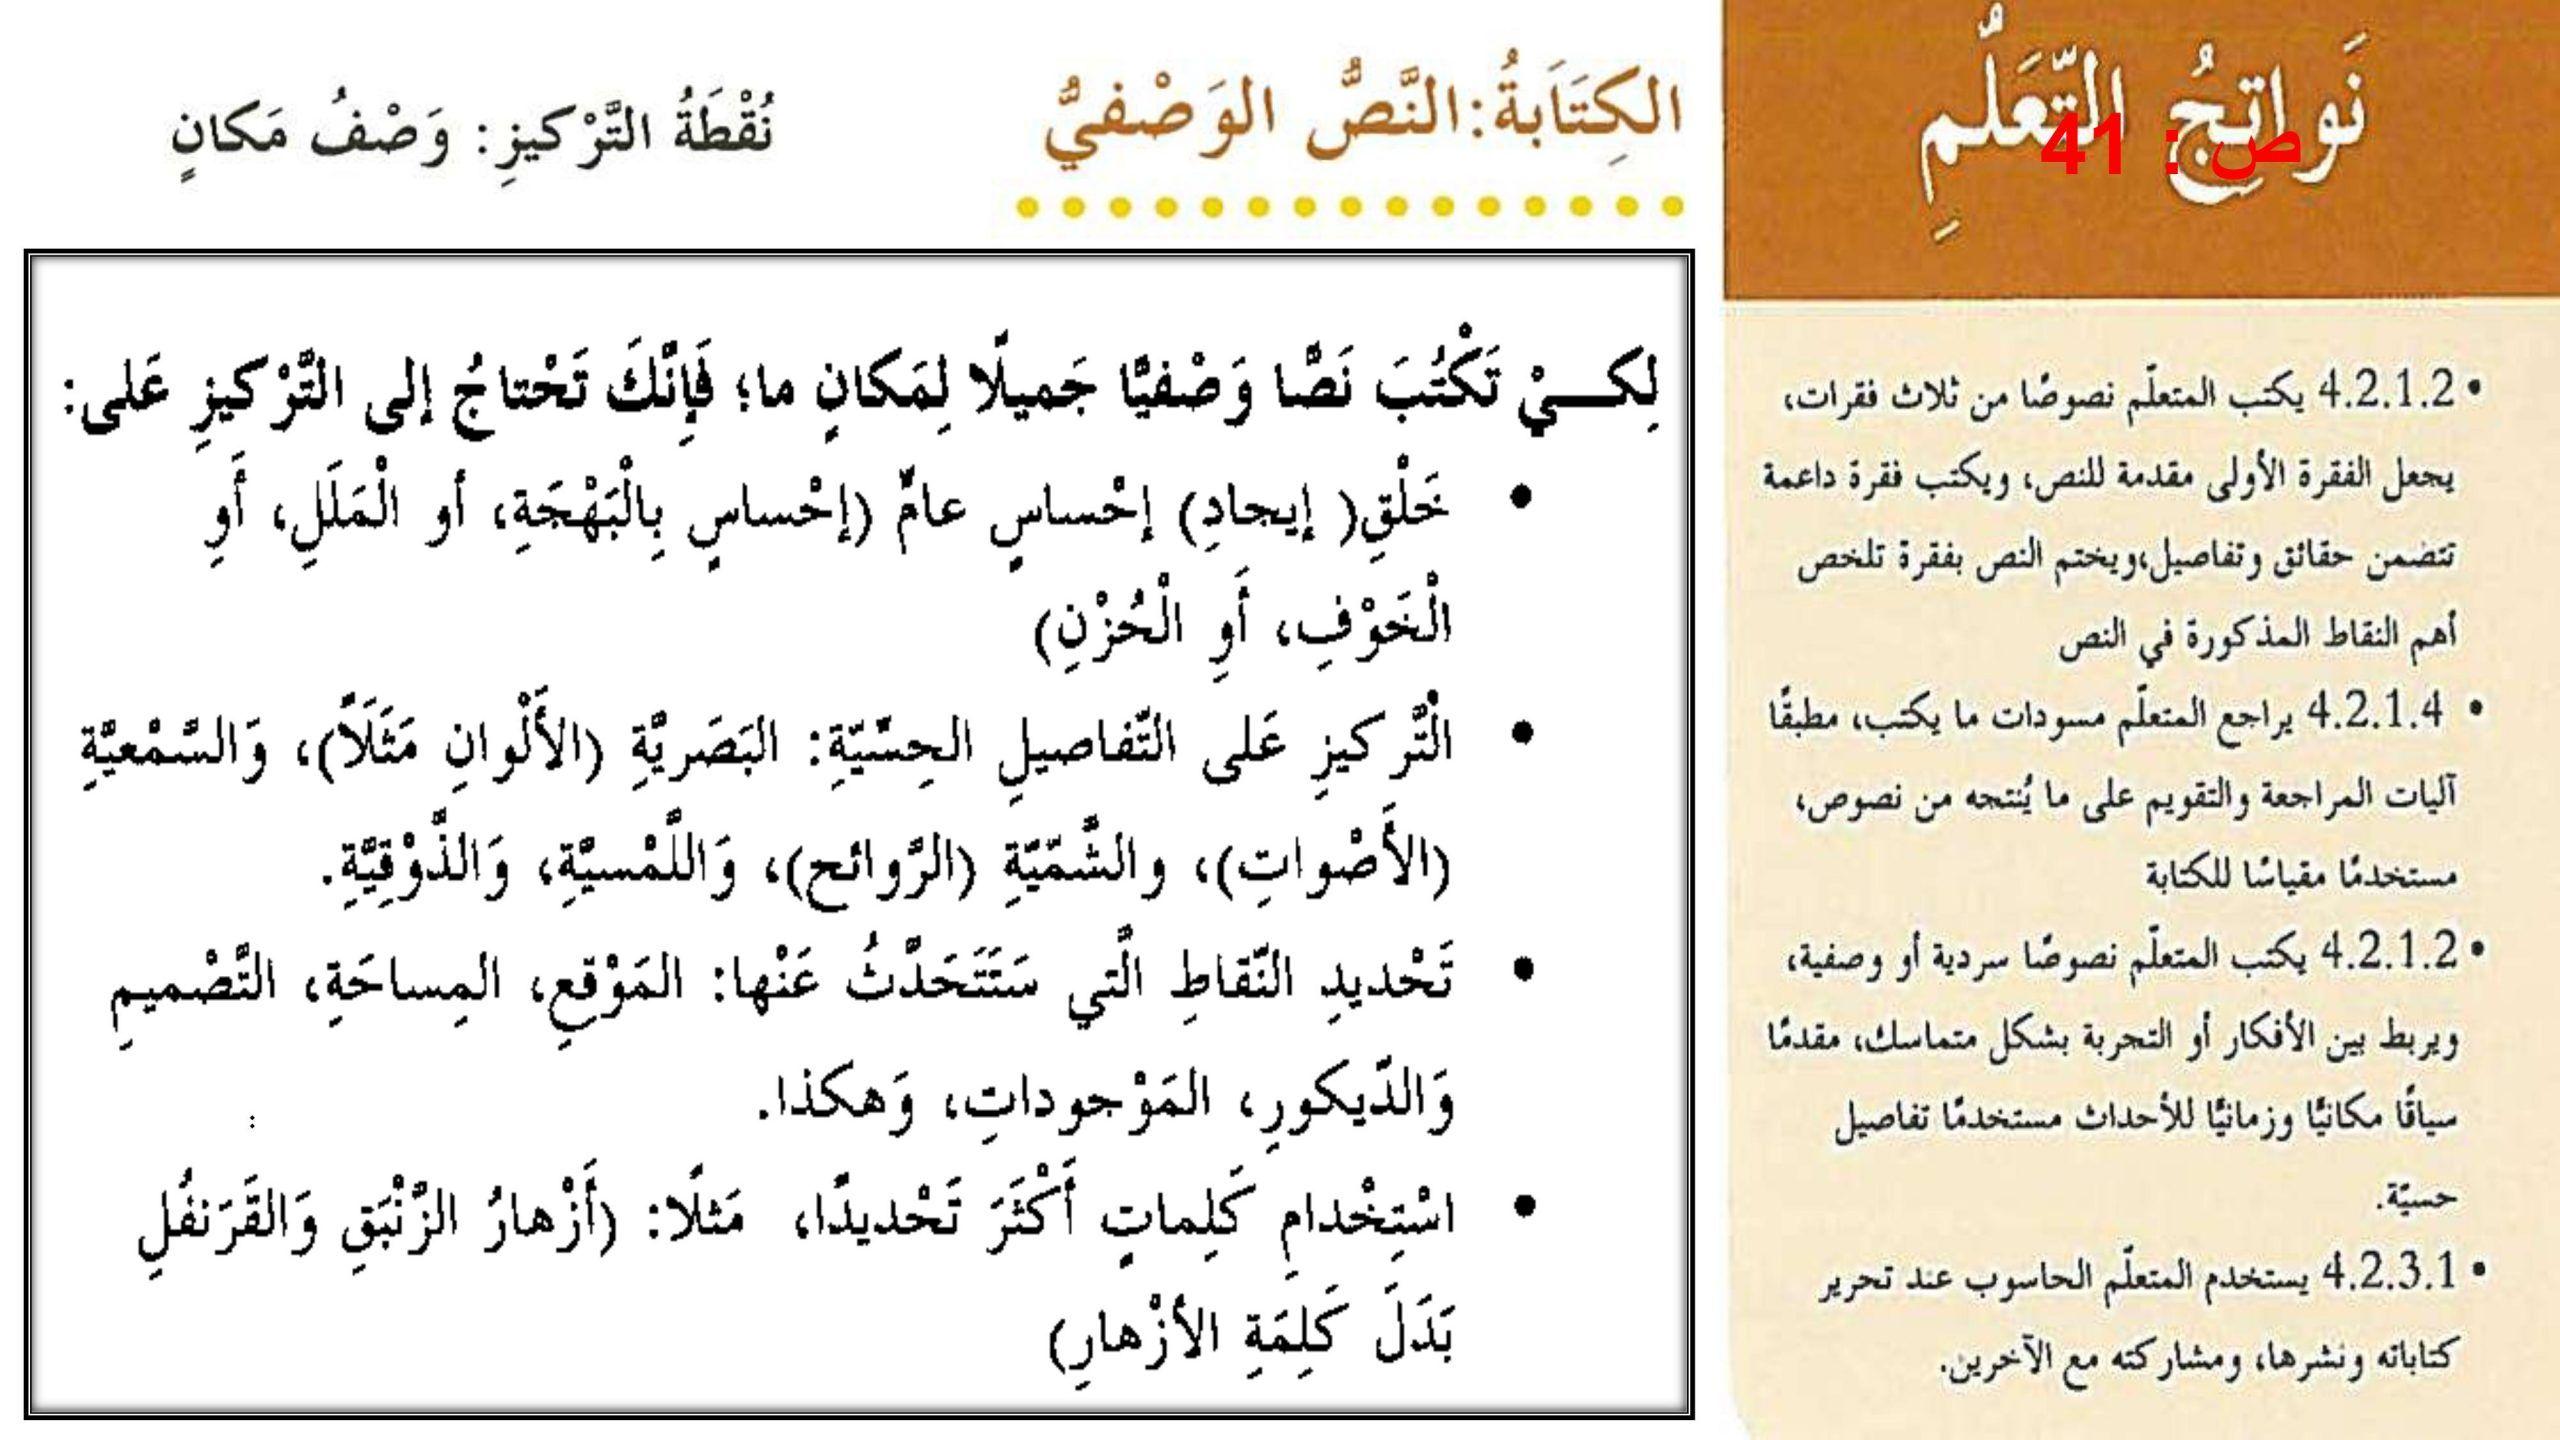 درس النص الوصفي وصف مكان مع الاجابات للصف الرابع مادة اللغة العربية Bullet Journal Journal